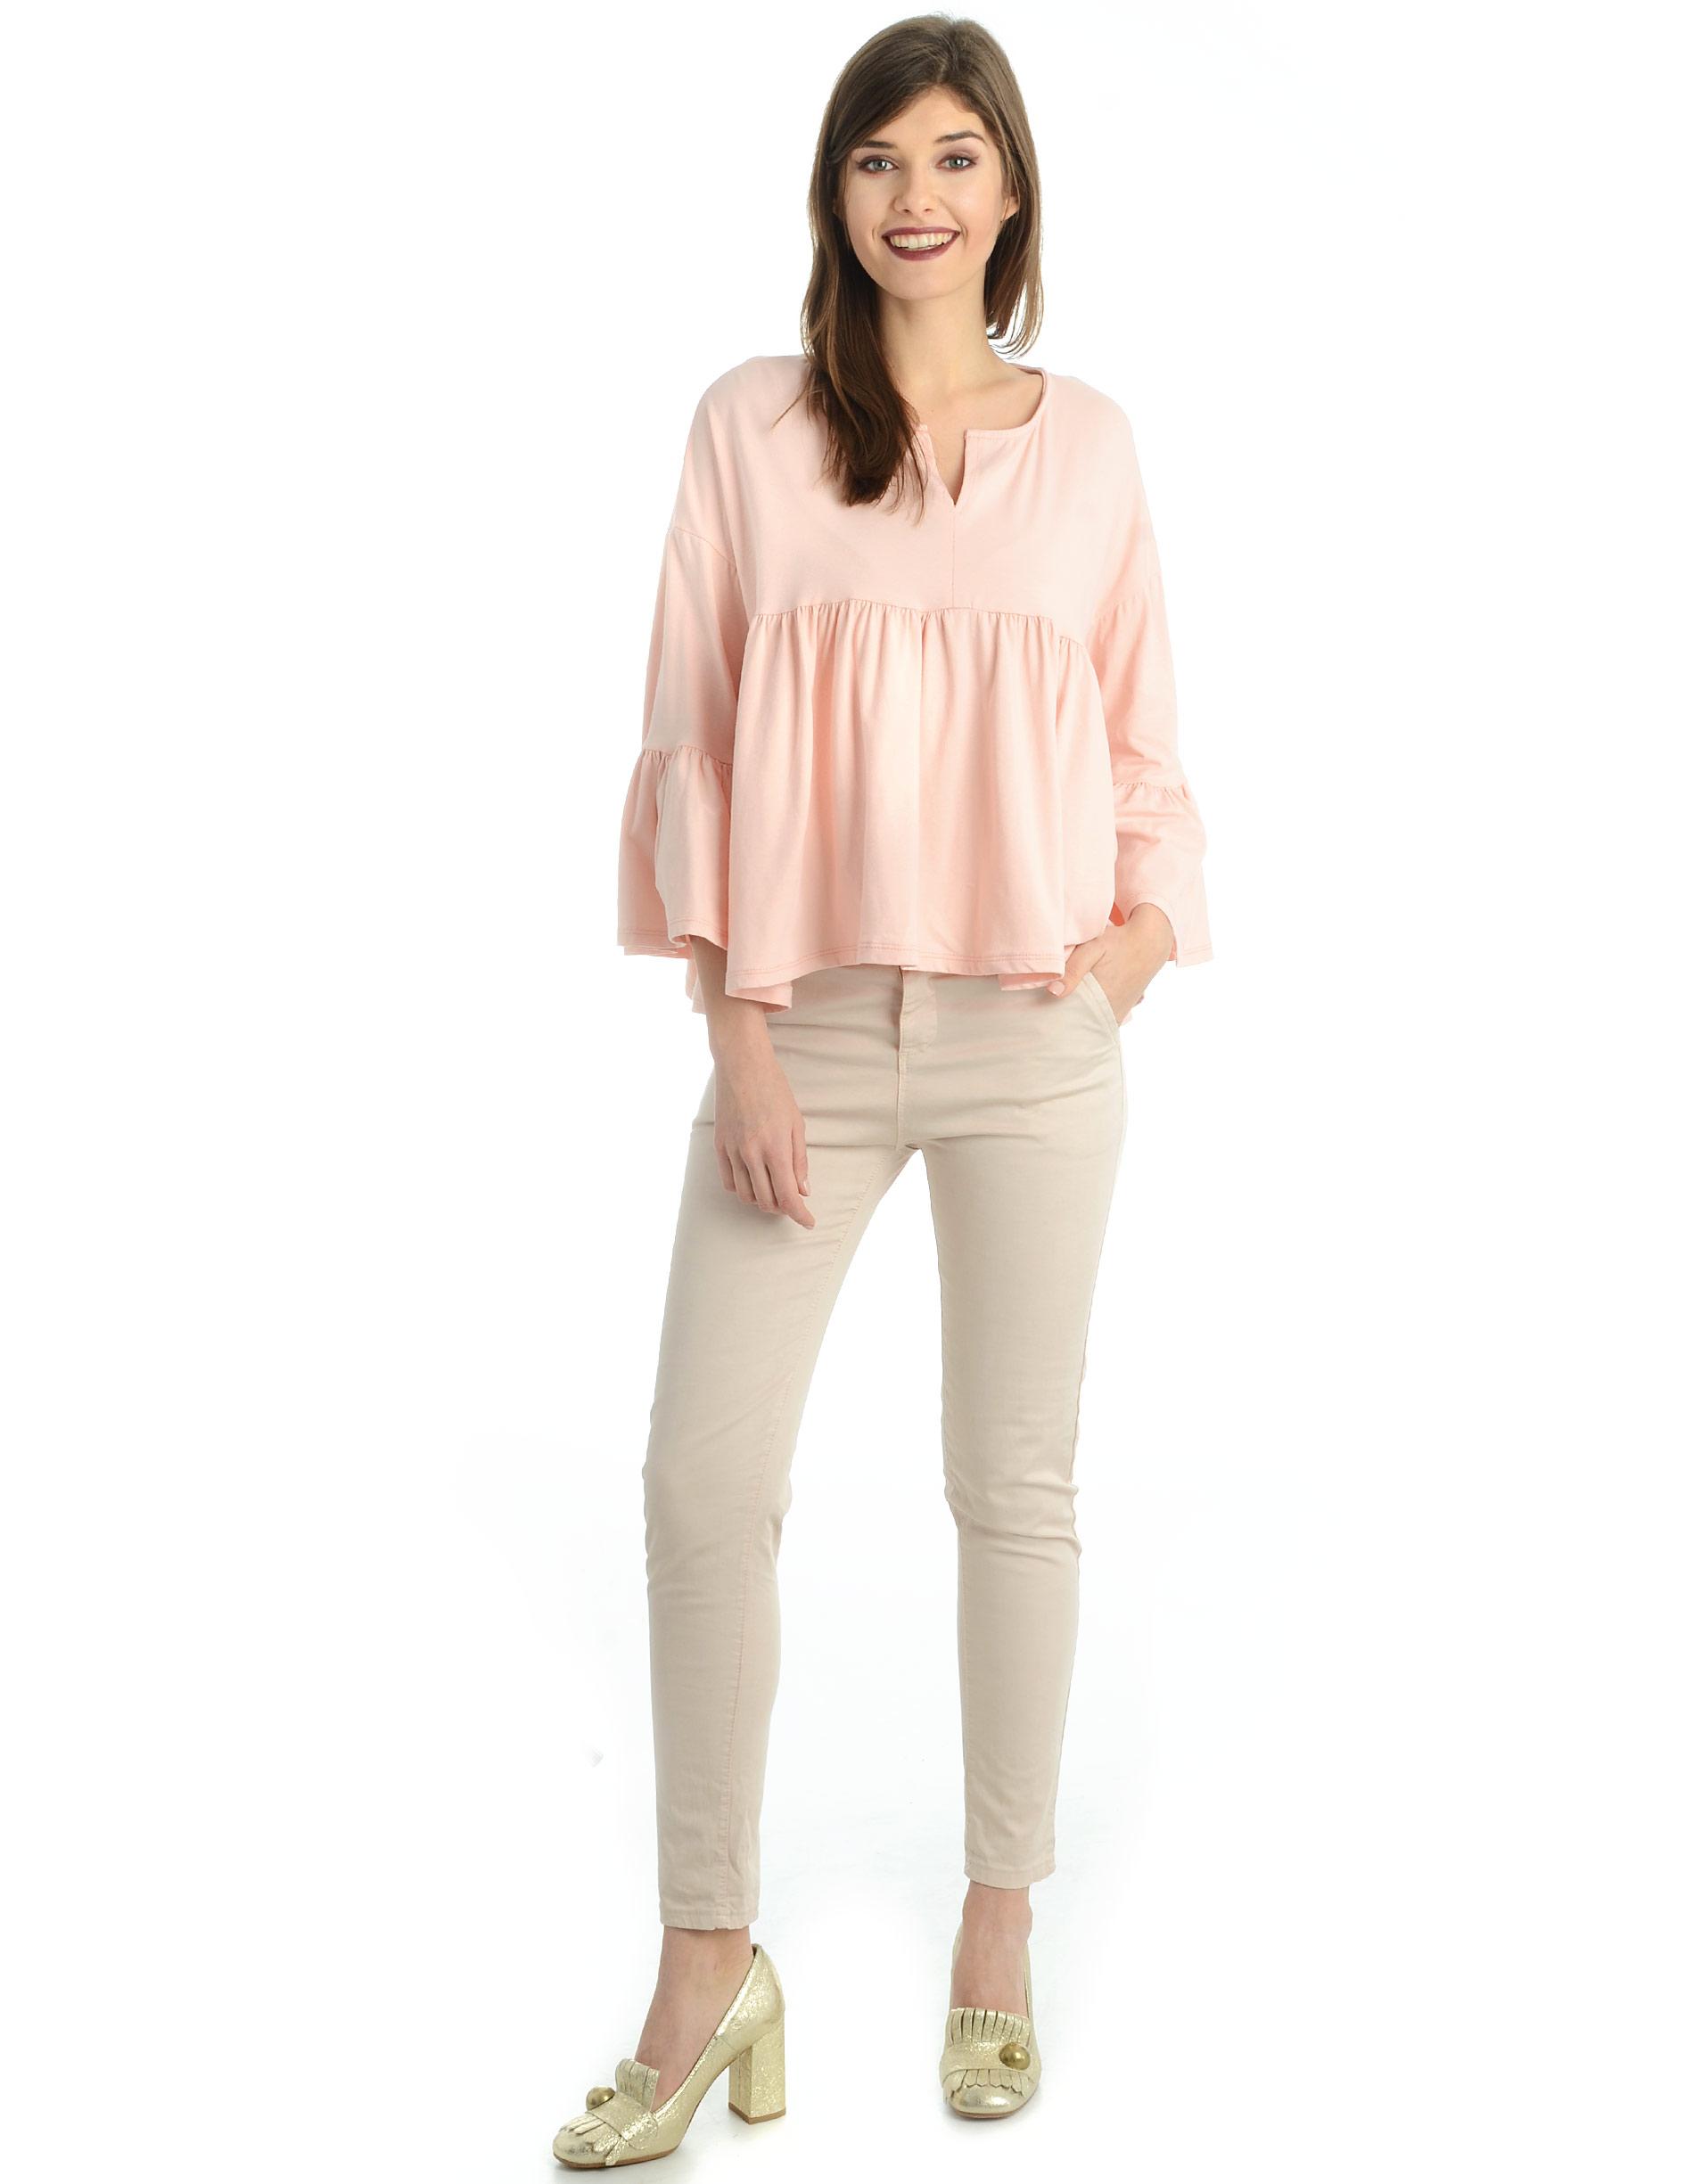 Spodnie - 146-168165 RO - Unisono